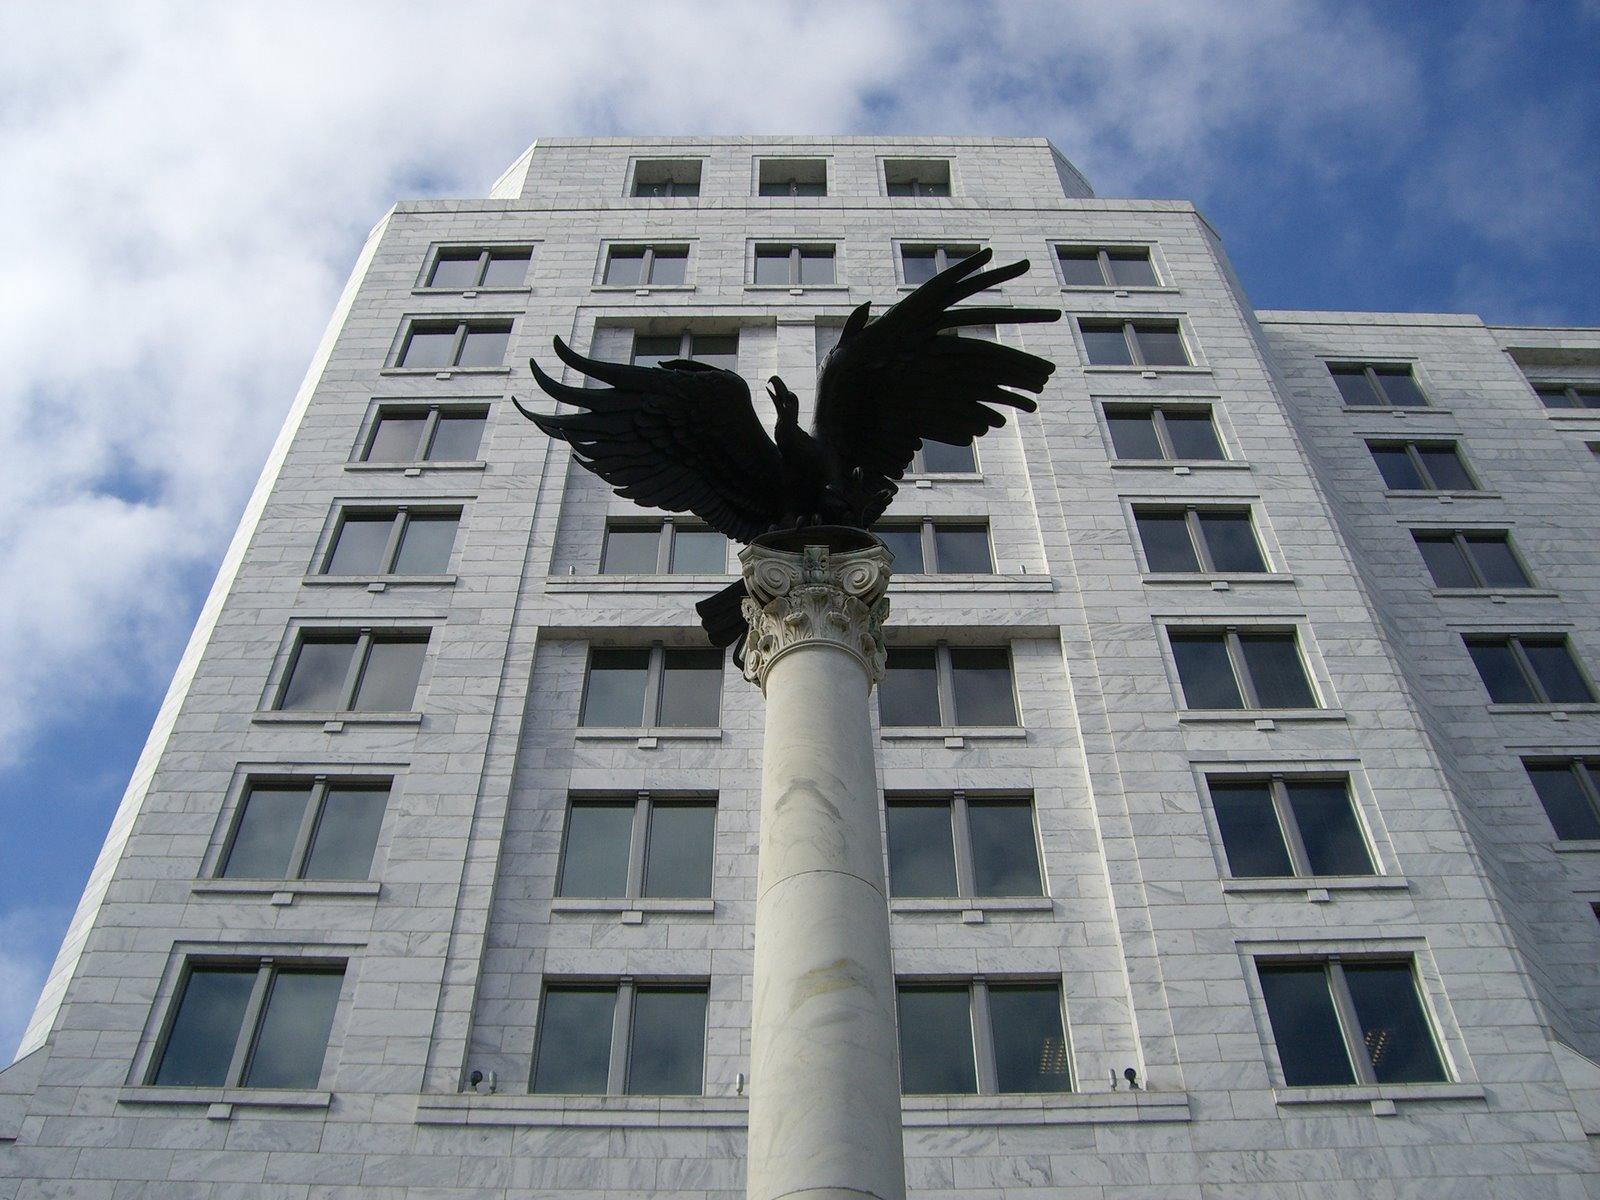 الفيدرالي بولاية اتلانتا الأمريكية يرفع توقعاته للنمو